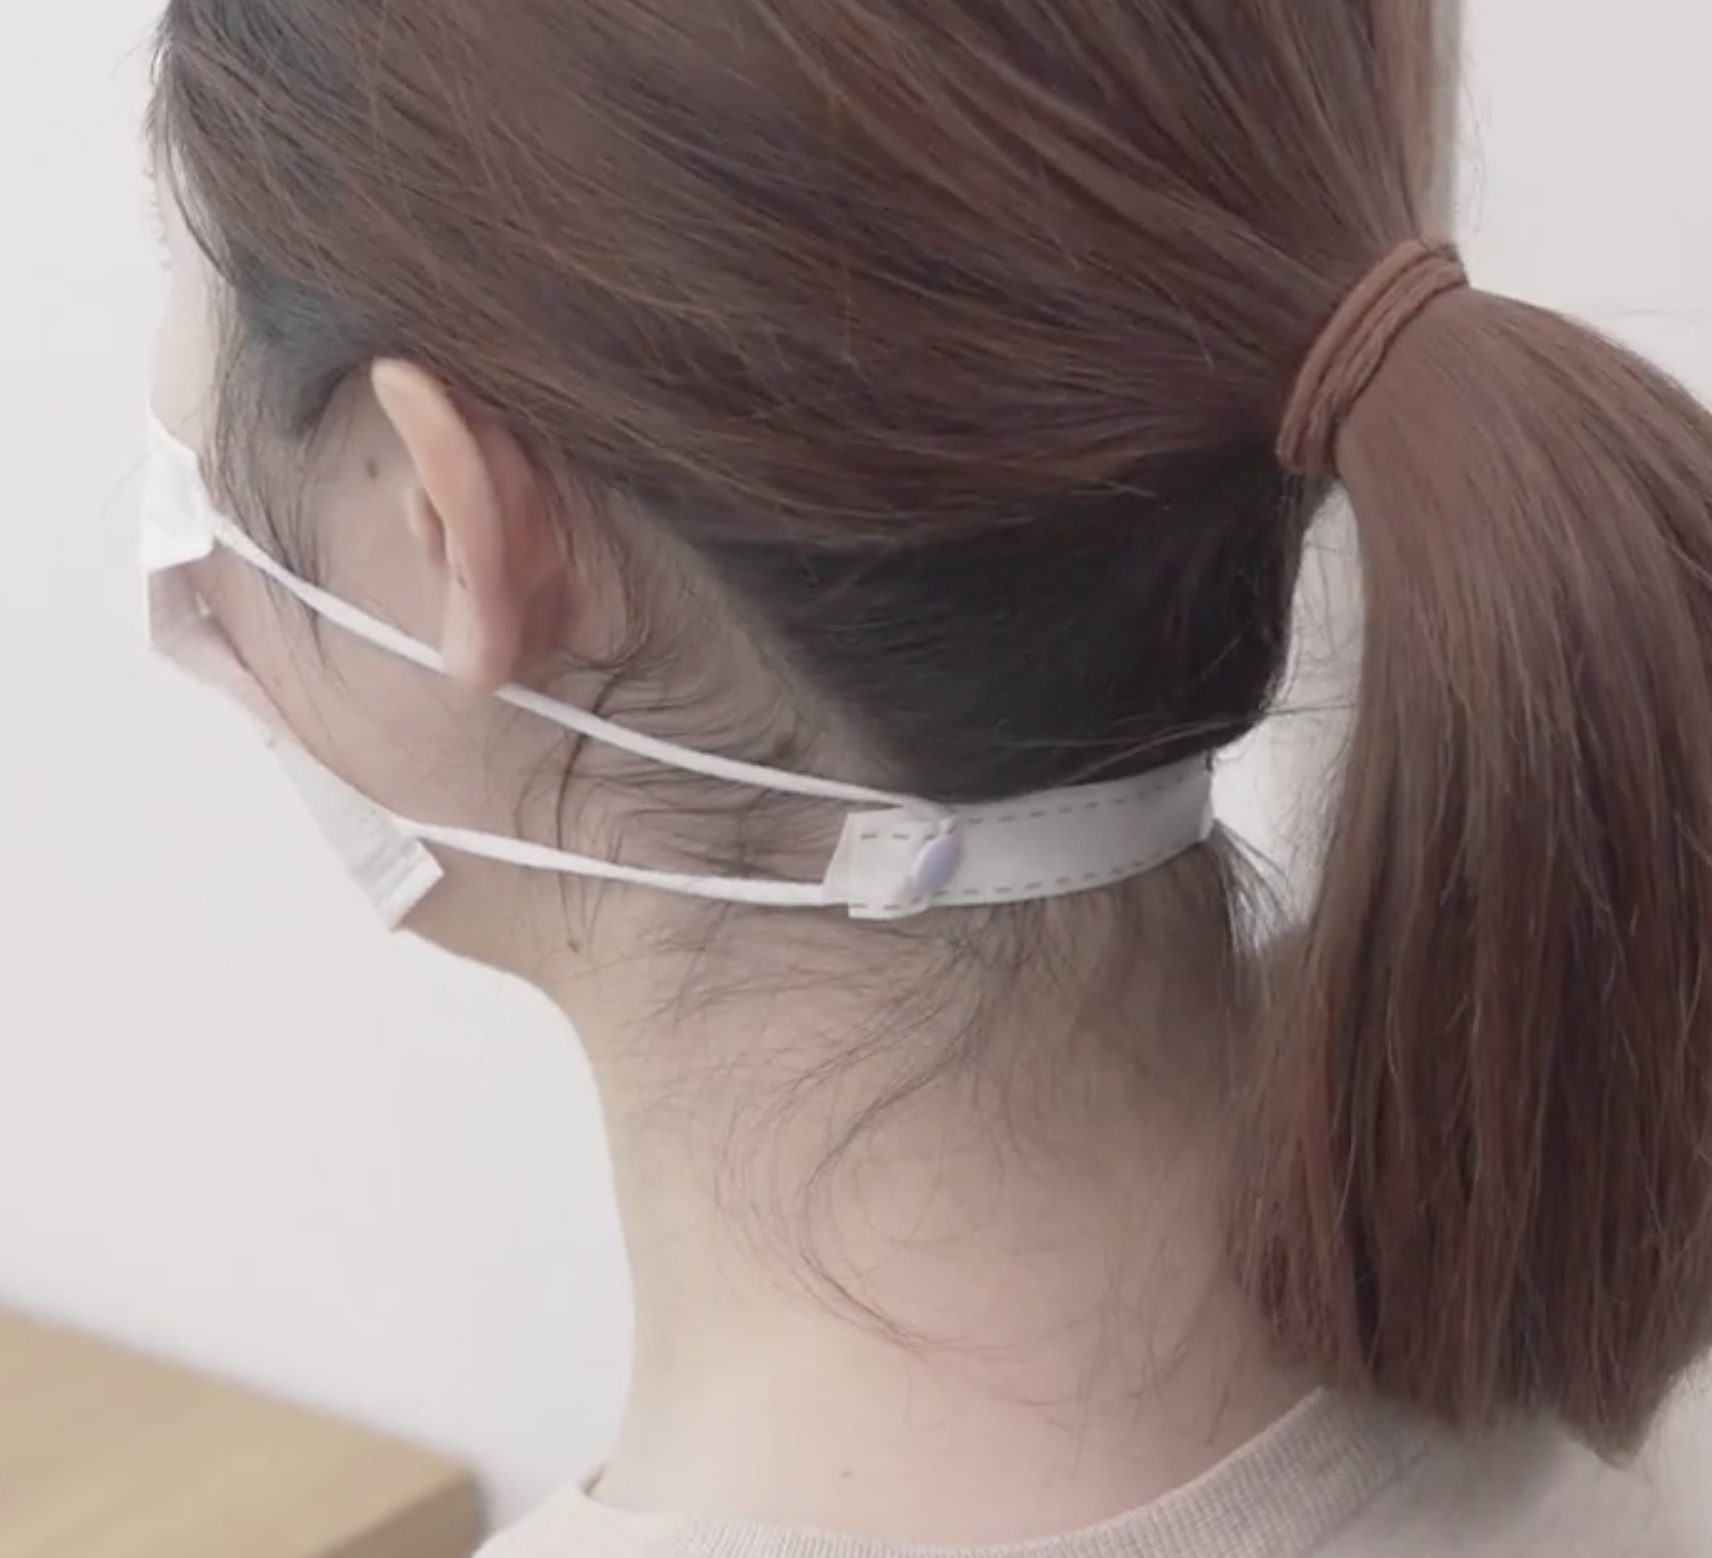 マスクのお悩み解決法!耳が痛いときの対策からメガネの曇り予防まで